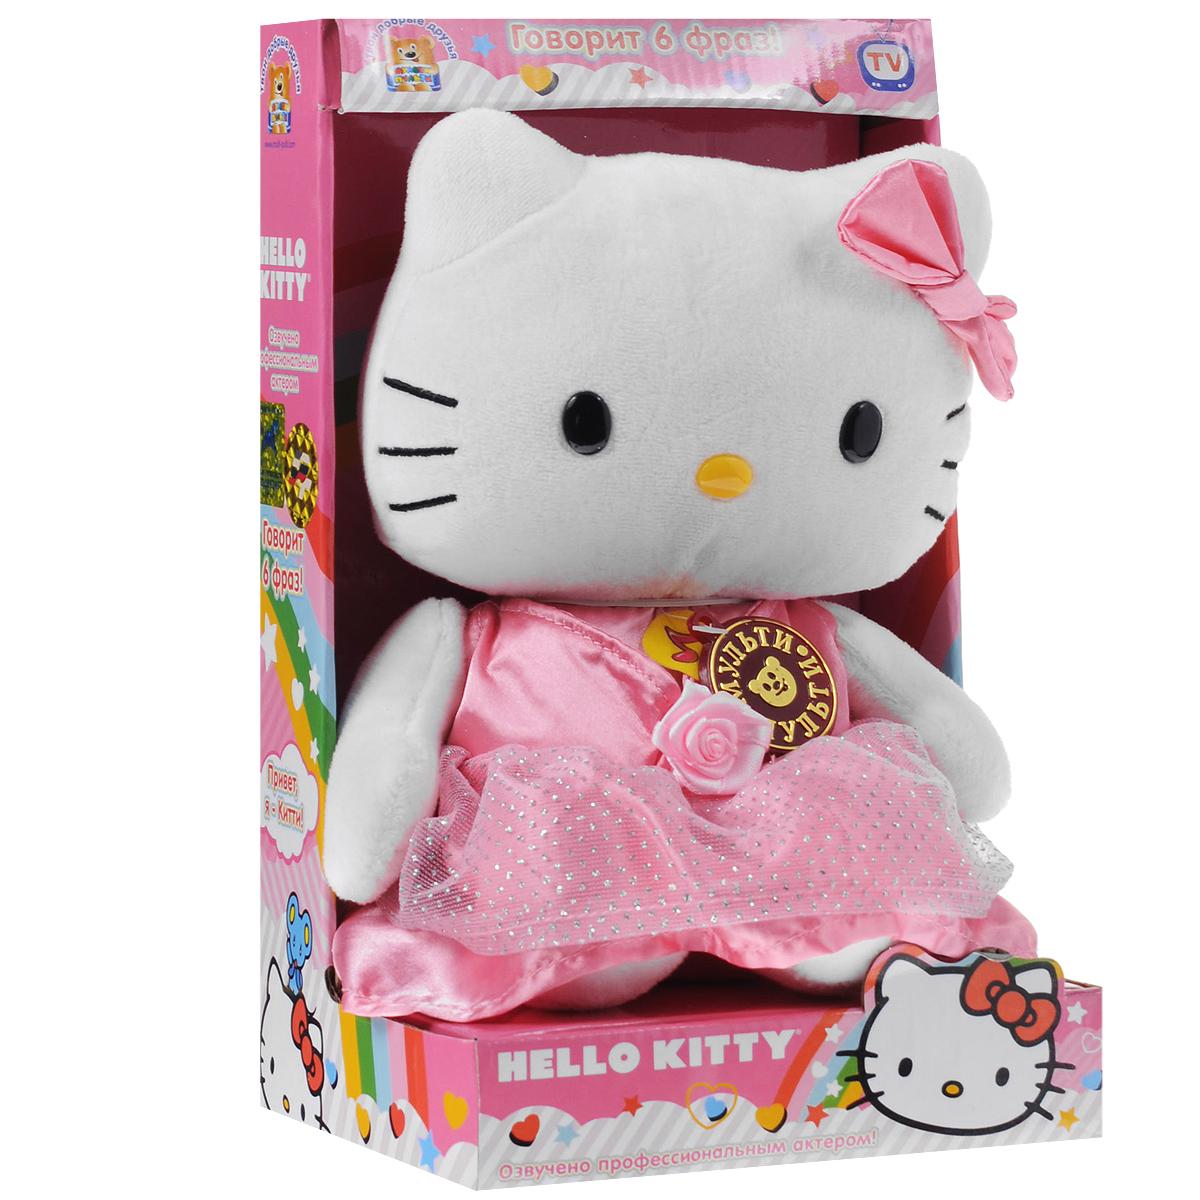 Мягкая озвученная игрушка Мульти-Пульти Hello KittyV26750/22XМягкая озвученная игрушка Мульти-Пульти Hello Kitty, выполненная в виде всем известной кошечки Китти, вызовет улыбку у каждого, кто ее увидит. Мягконабивная игрушка с пластиковыми глазками и носиком одета в прелестное розовое платье, на головке красуется розовый бантик. При нажатии на грудь Китти произнесет одну из следующих фраз: Мяу-мяу, Надеюсь, мы станем друзьями, Привет, я - Китти, Я люблю красиво одеваться, Я люблю всякие модные штучки, Пойдем по магазинам. Ваша малышка будет в восторге от такого подарка! Рекомендуется докупить 3 батарейки напряжением 1,5V типа LR44 (товар комплектуется демонстрационными).